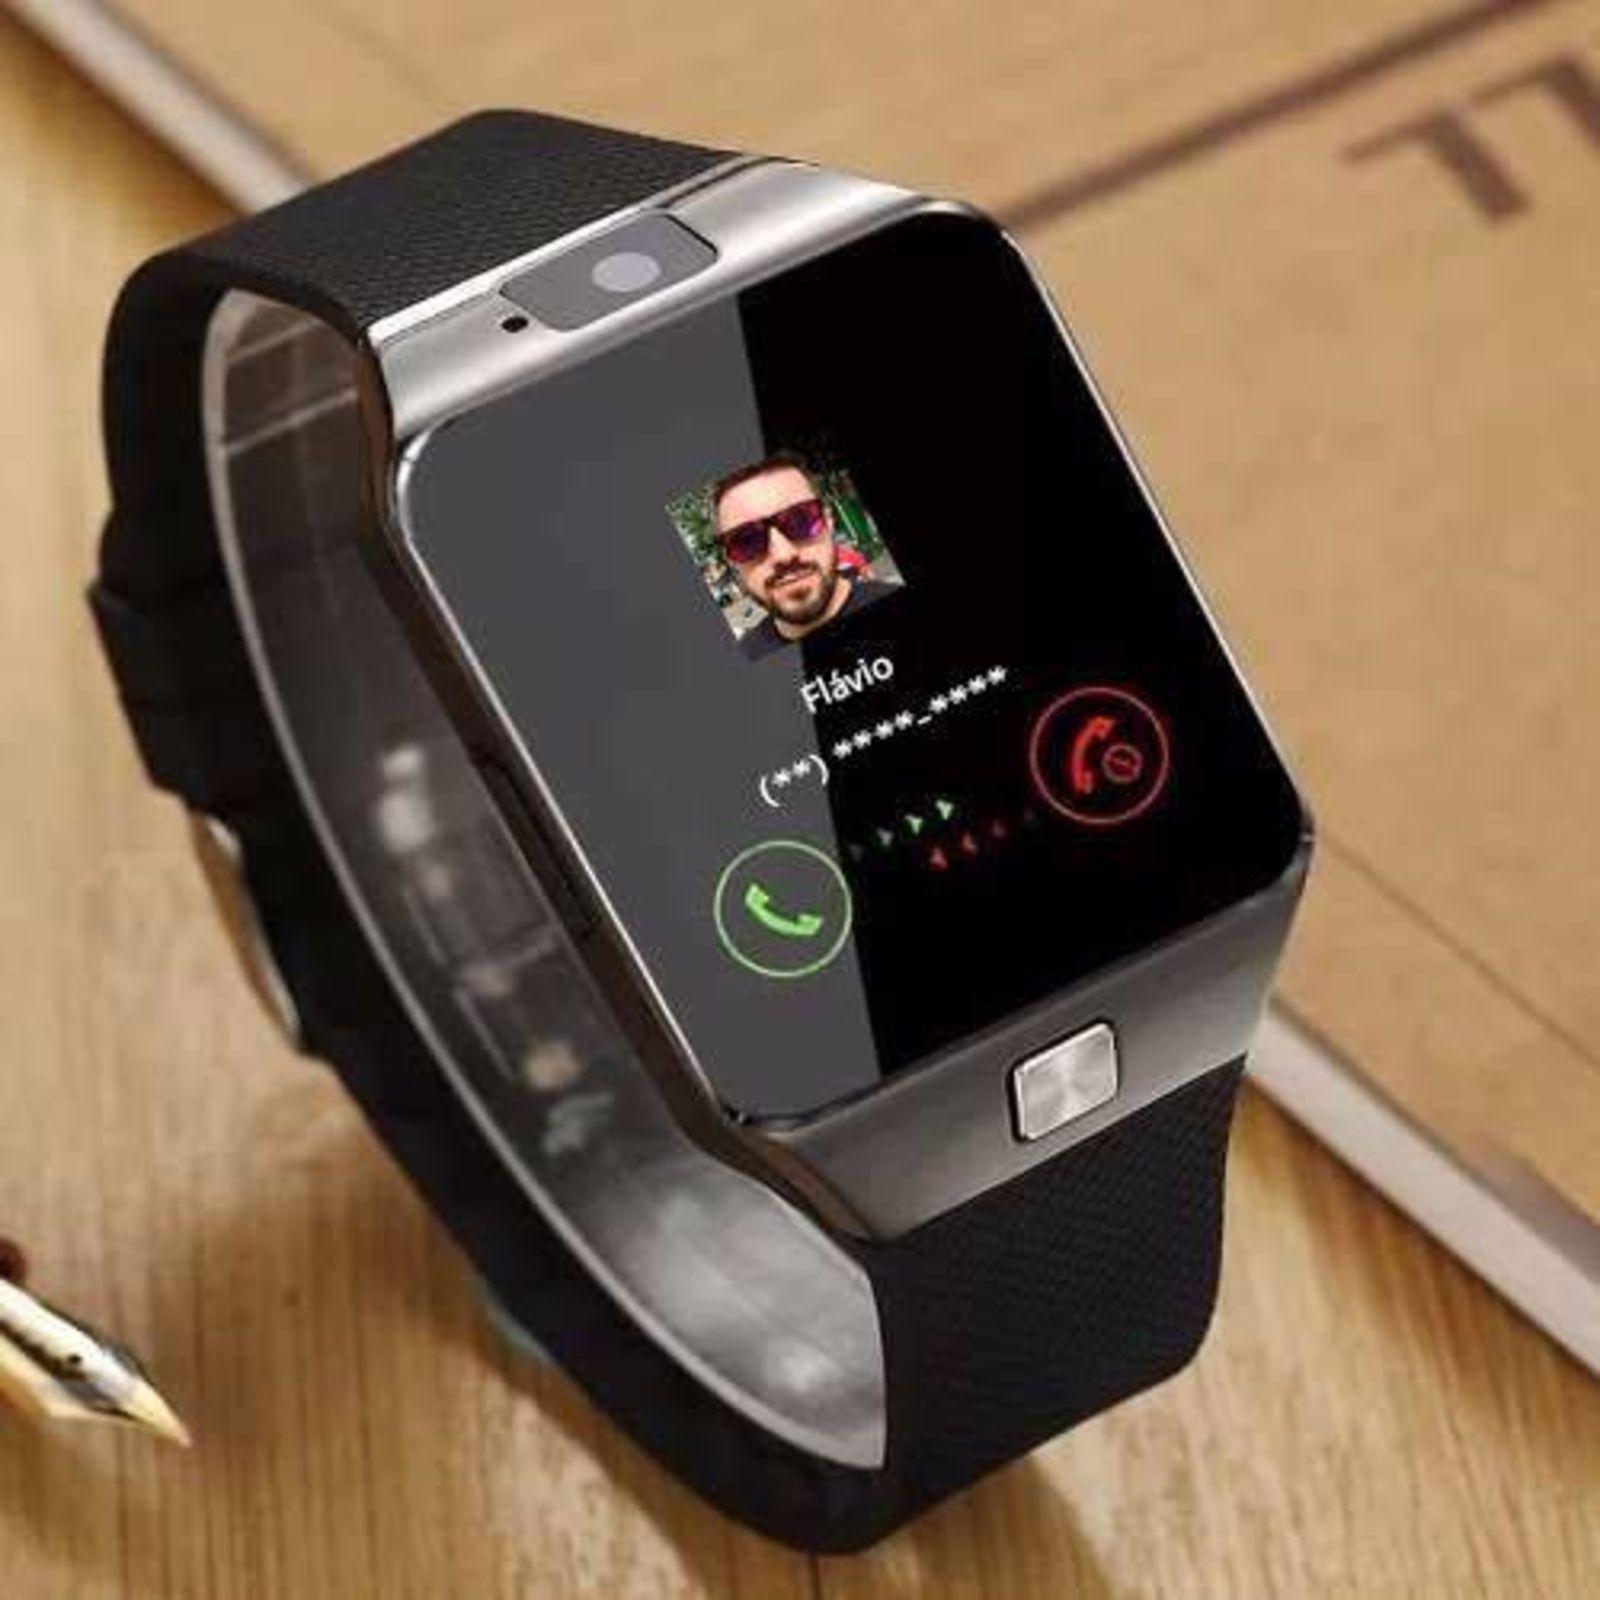 ae8debc4d01 Relógio Dagg Smartwatch Gear Running Touch Preto em 2019